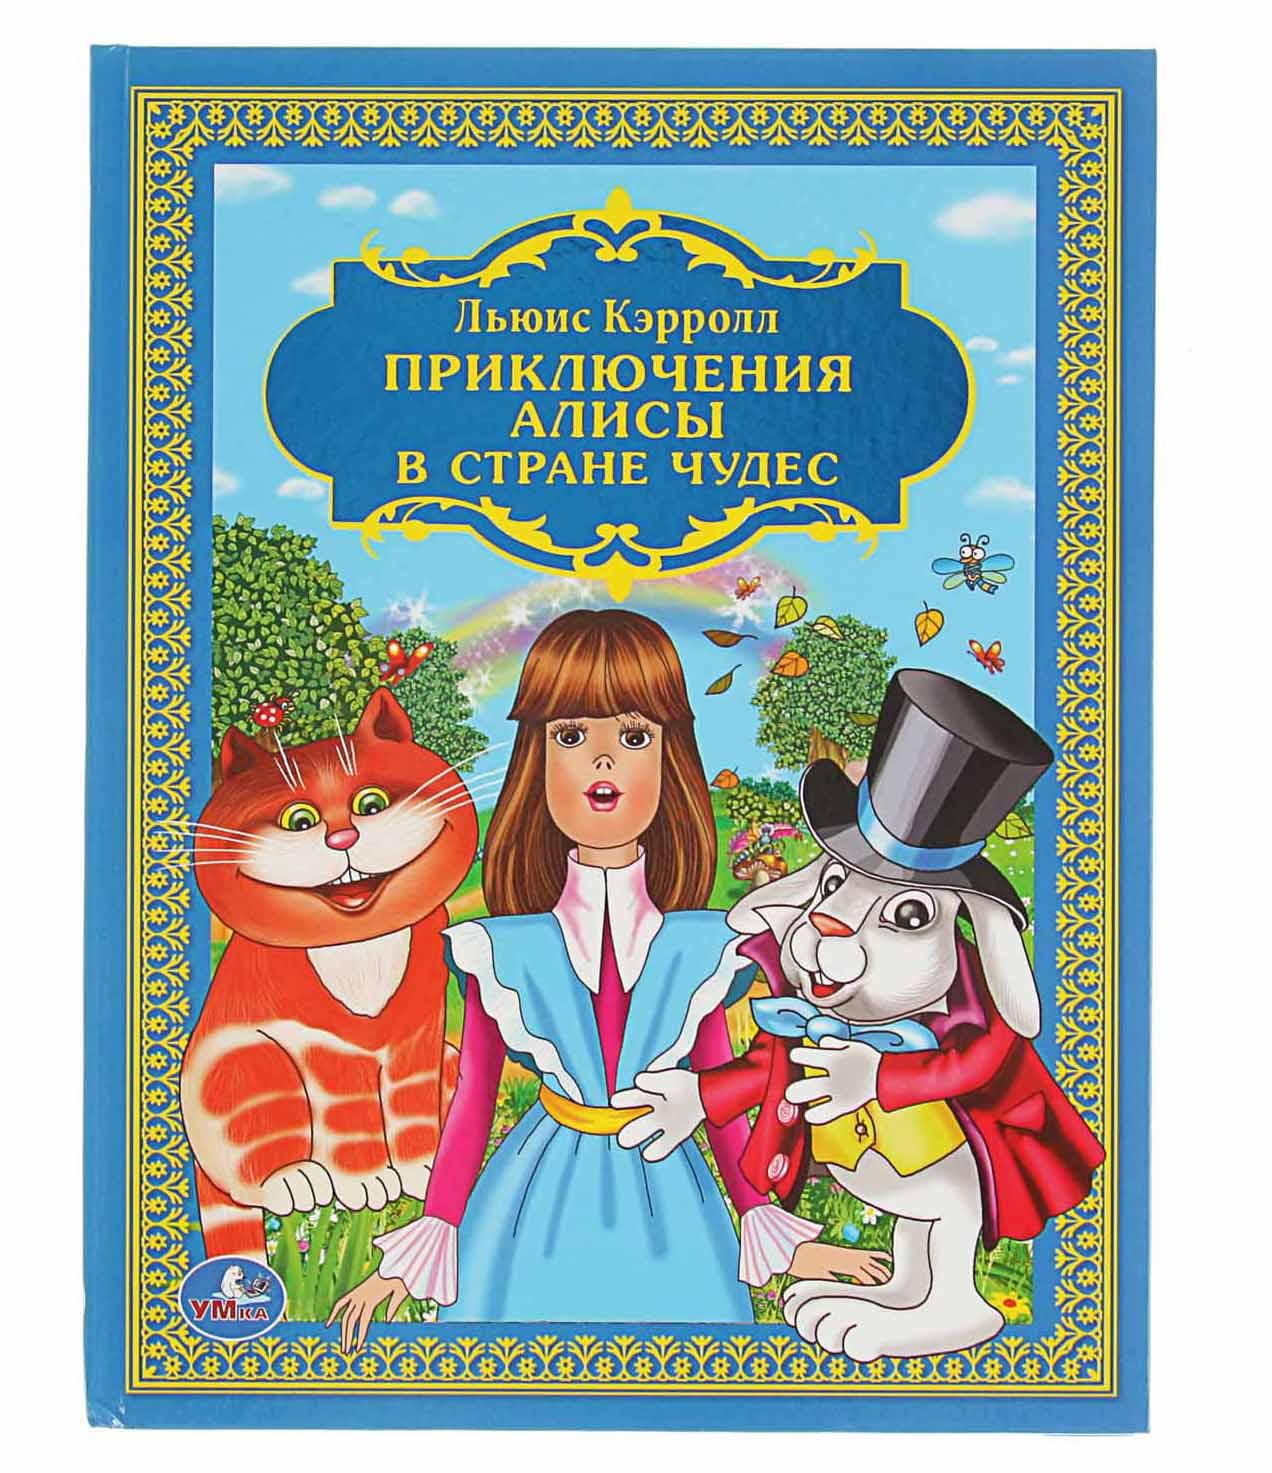 Книга из серии Детская библиотека – Приключения Алисы в Стране чудесБибилиотека детского сада<br>Книга из серии Детская библиотека – Приключения Алисы в Стране чудес<br>